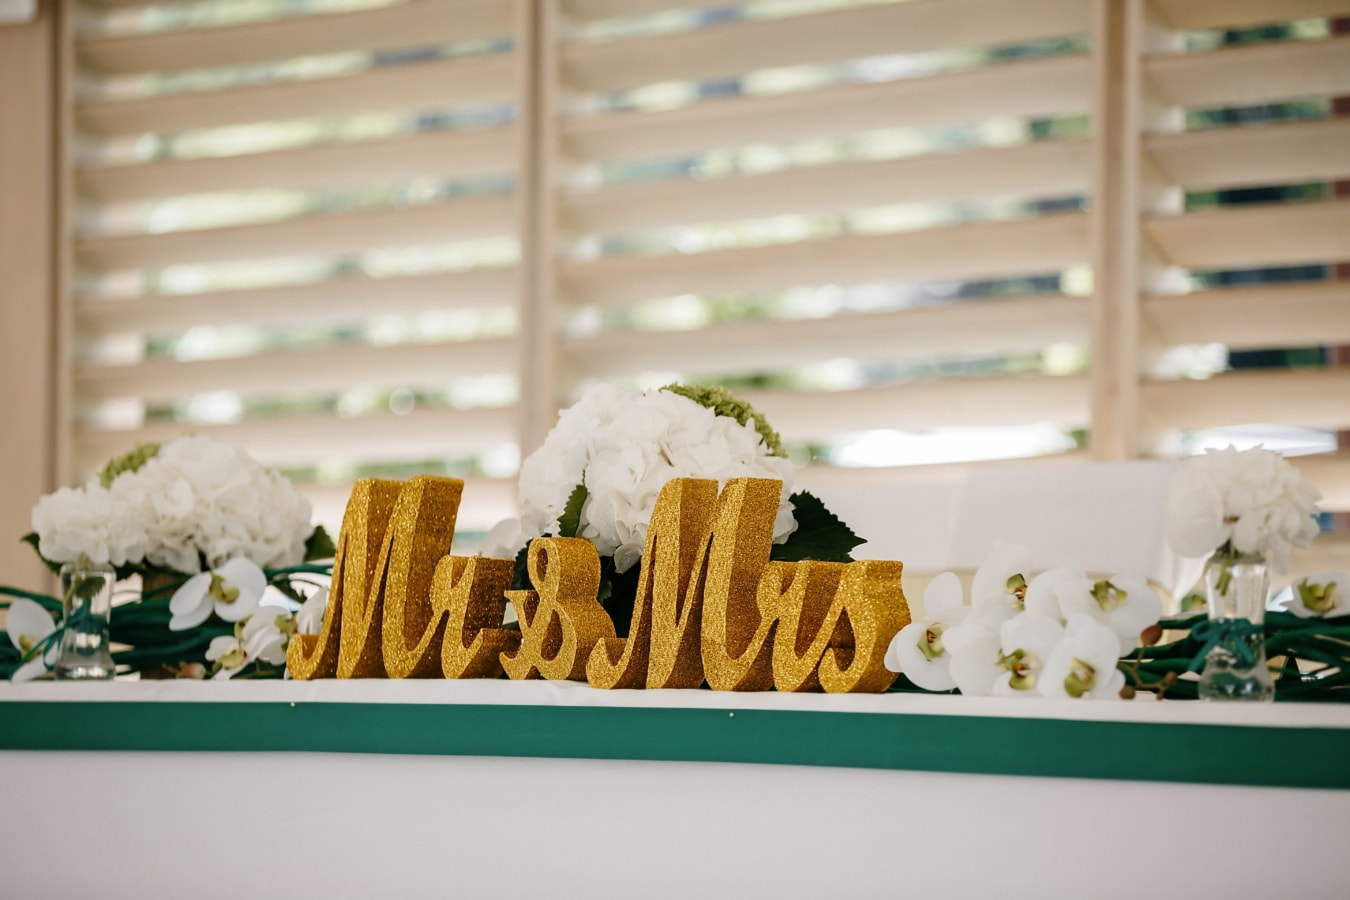 Dekoration, romantische, dekorative, Symbol, Hochzeitsort, Zeichen, drinnen, Interieur-design, Fenster, Zimmer